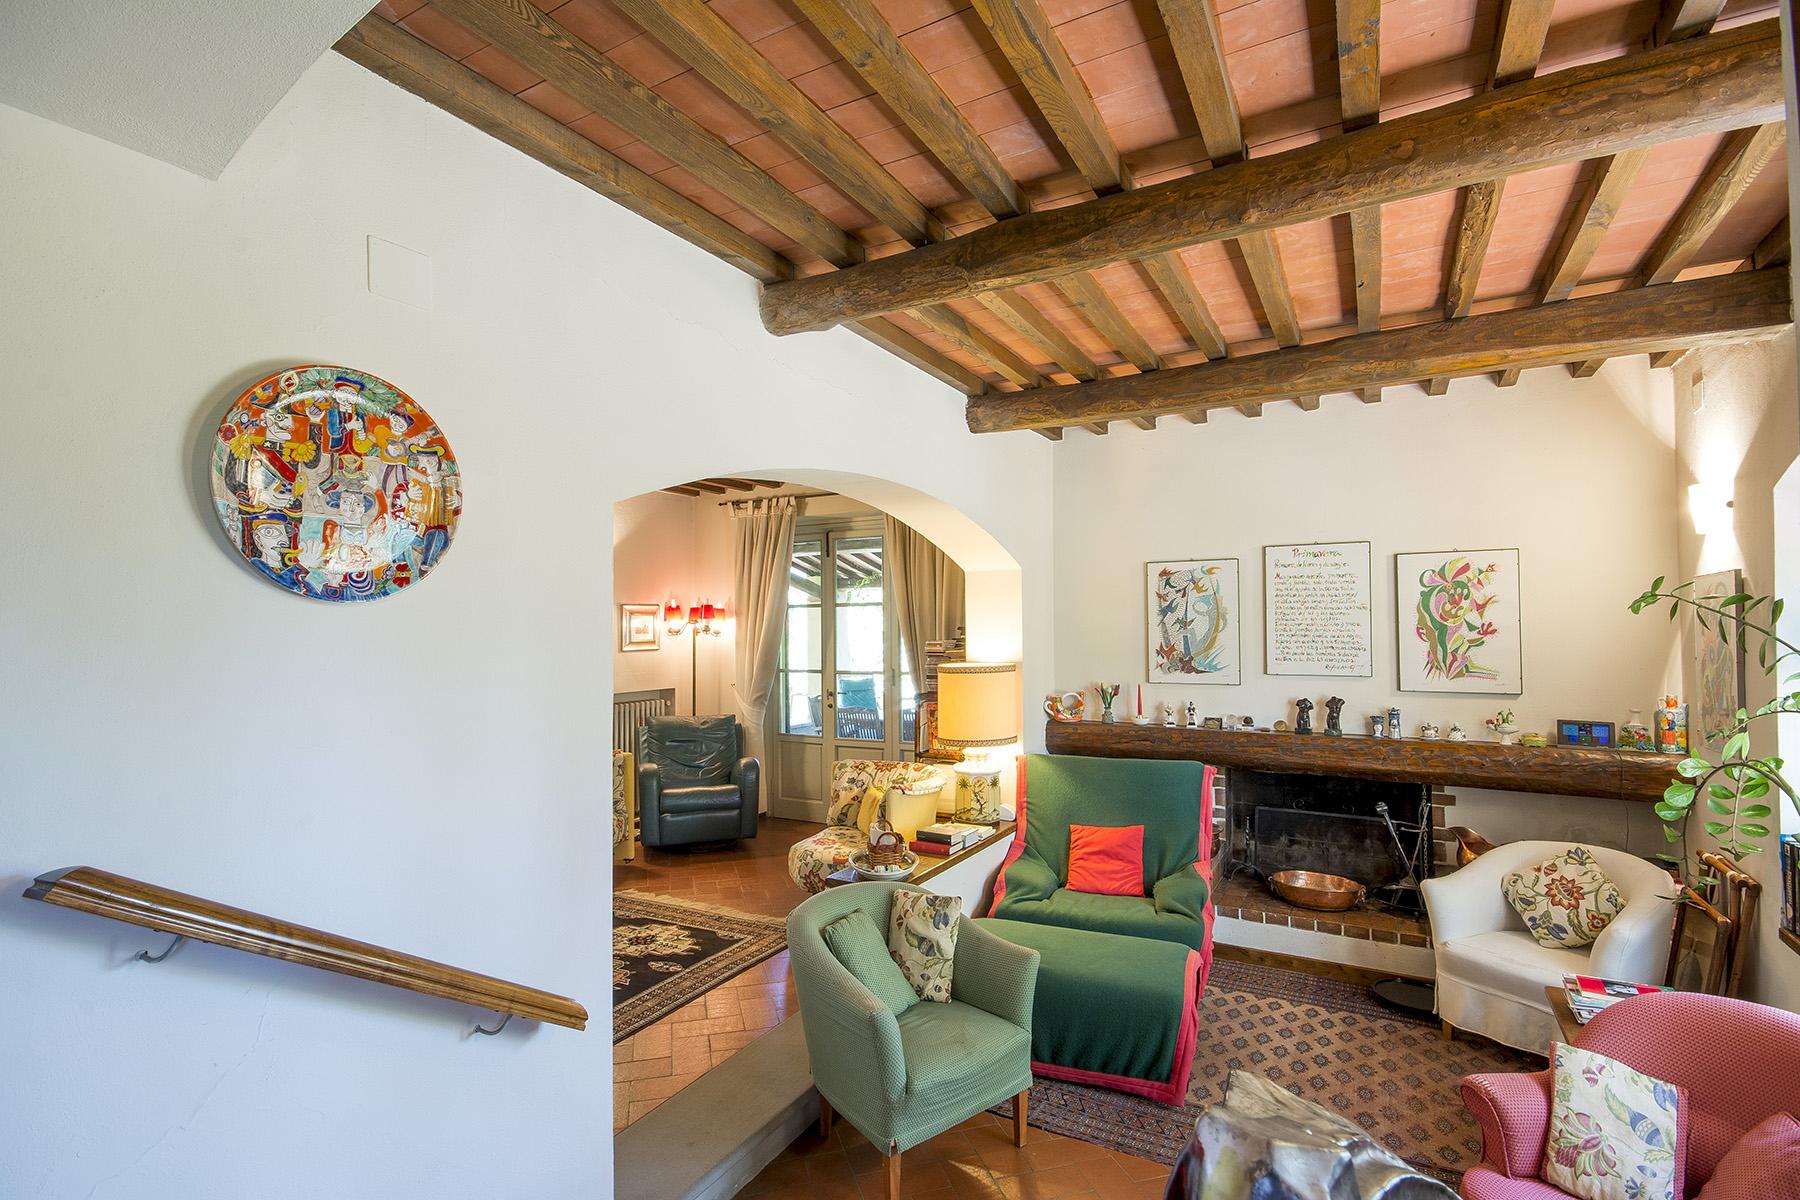 Rustico in Vendita a Monsummano Terme: 5 locali, 570 mq - Foto 18